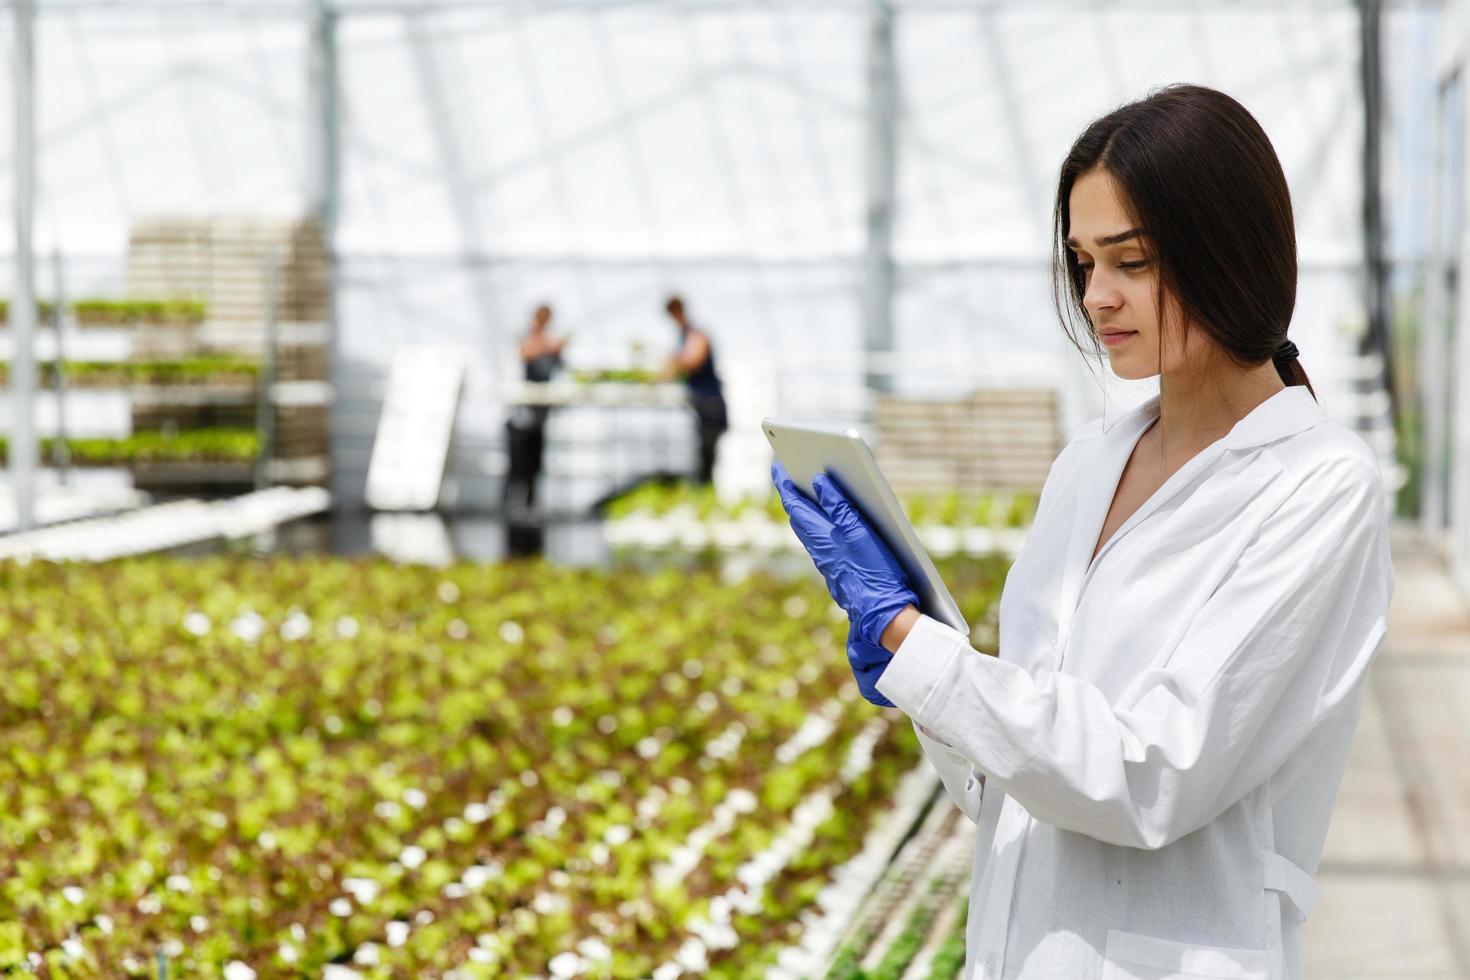 ricercatrice legge le informazioni da un tablet in piedi nella serra foto